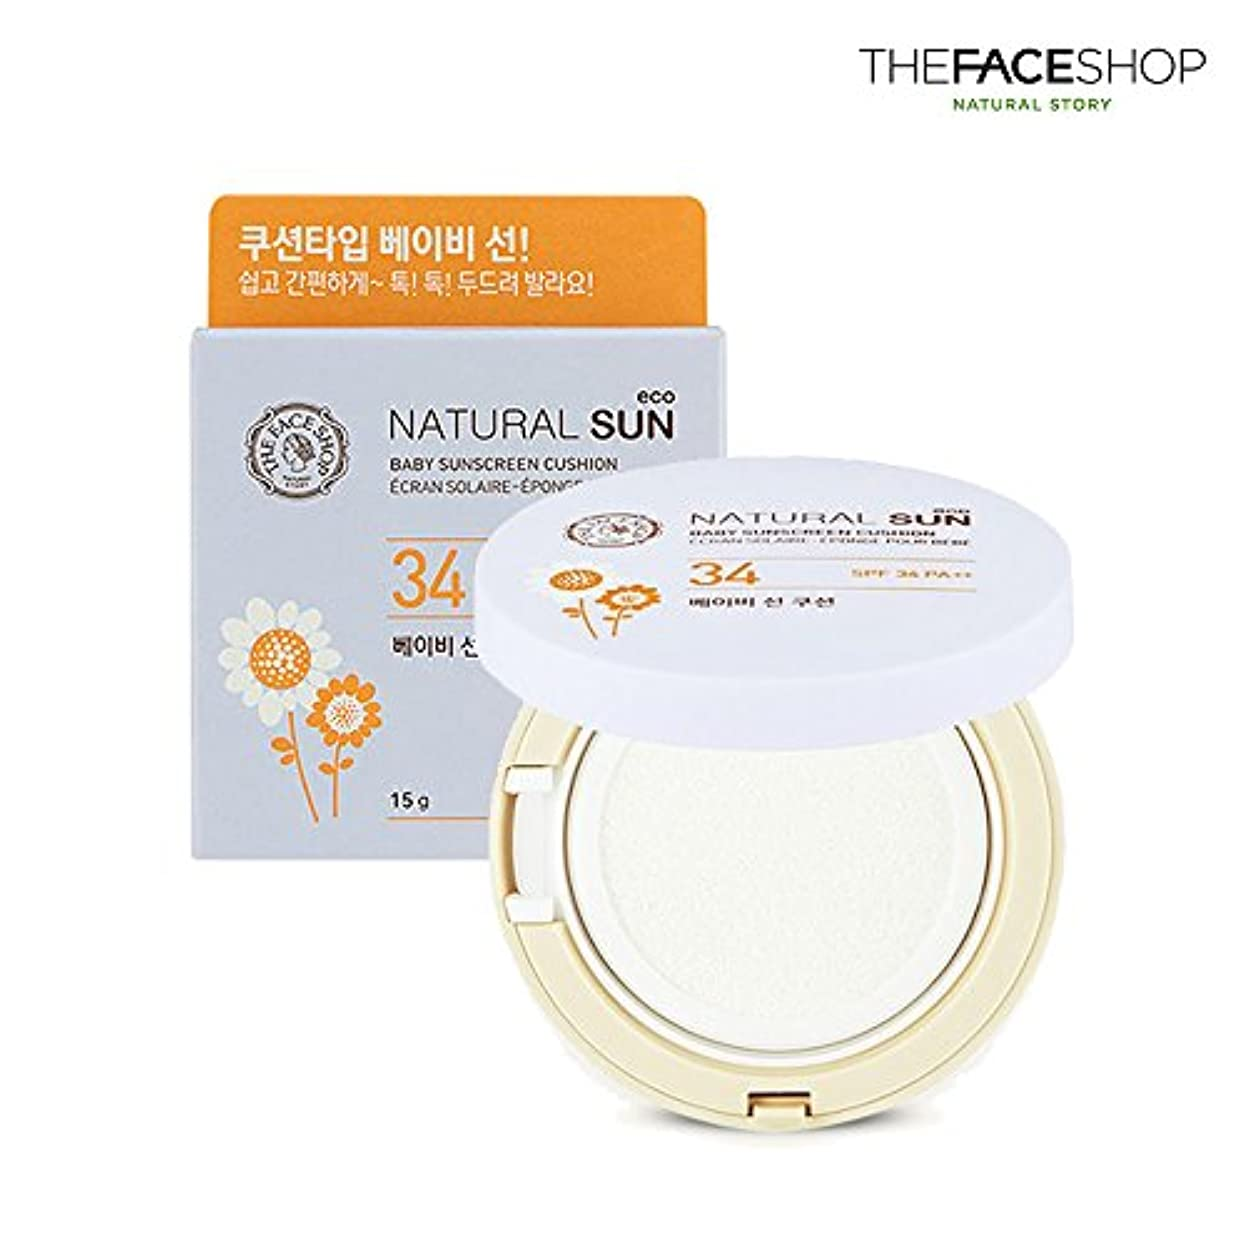 おとこ強調するセントthe face shop Natural Sun ECO baby sunscreen cushion 34 PA++ 赤ちゃんサンスクリーンクッション